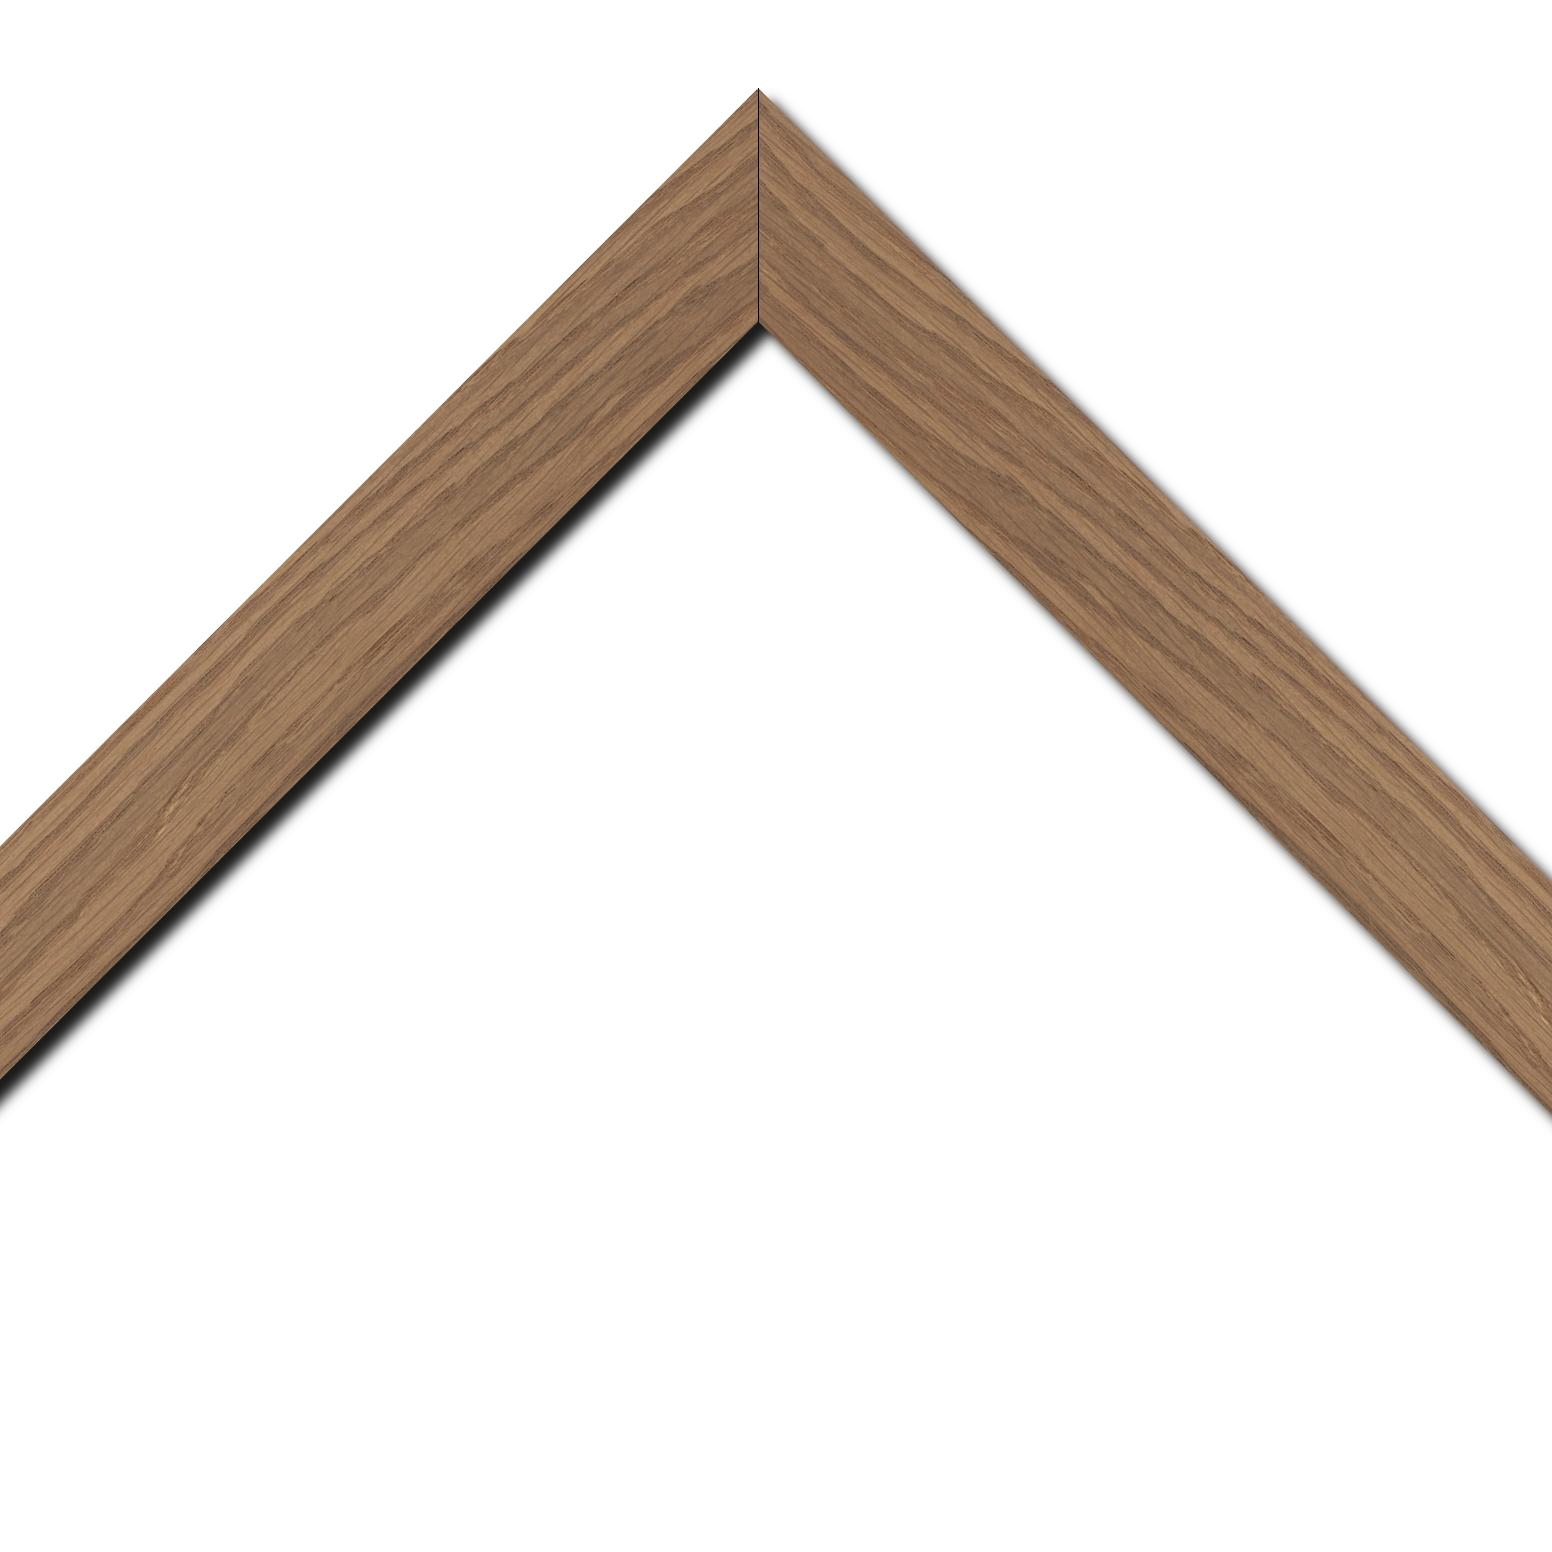 Baguette bois profil plat largeur 4cm chêne massif naturel (non vernis)